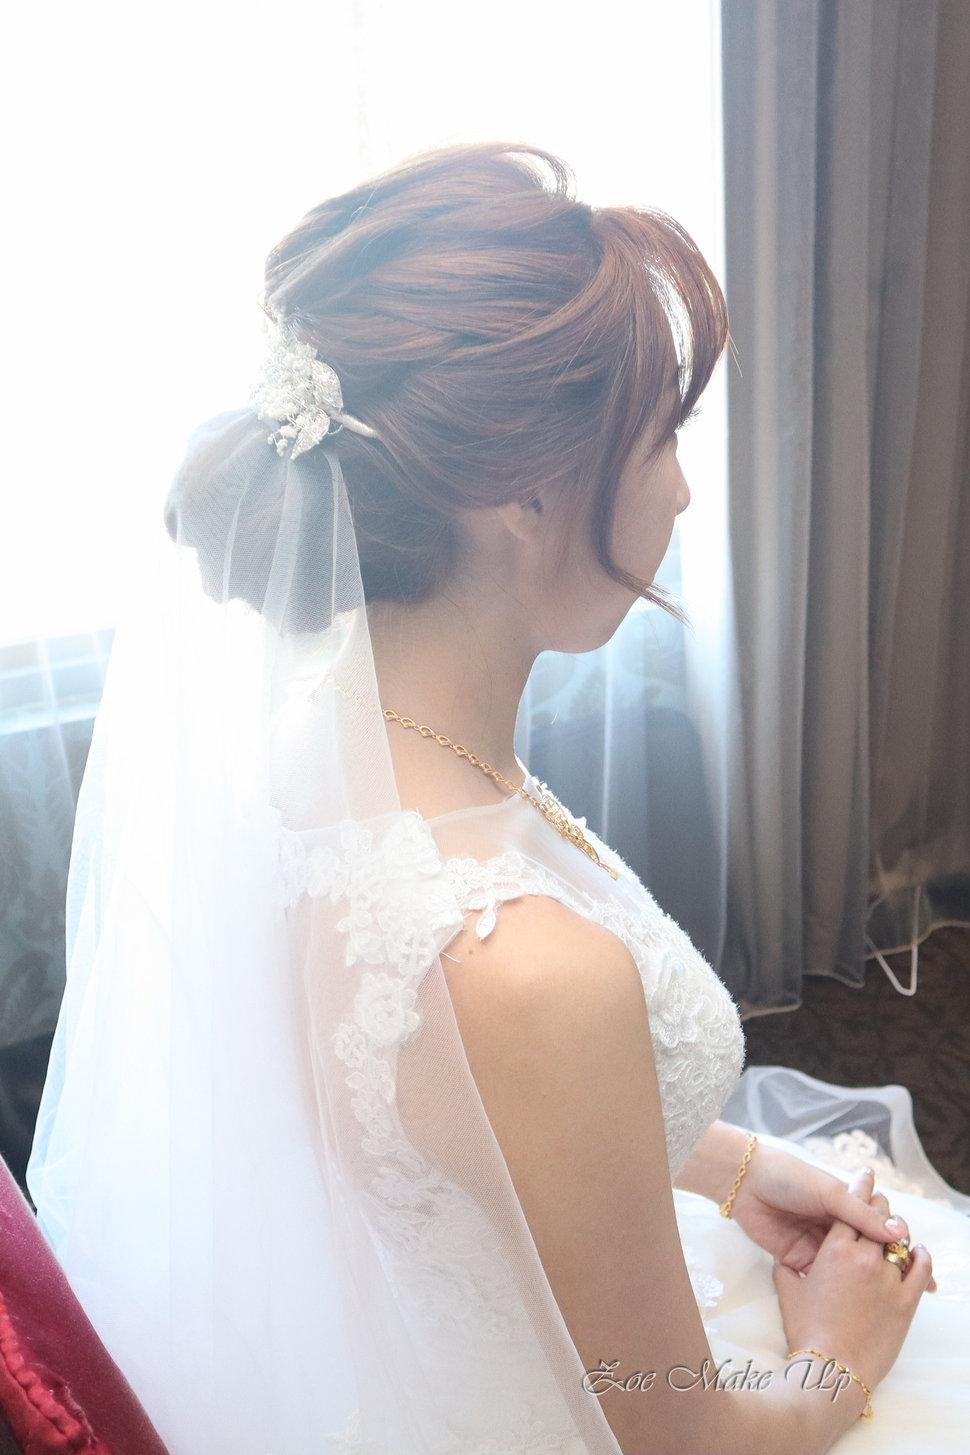 IMG_1209 - 複製 - Zoe 幸福時分 新娘秘書《結婚吧》